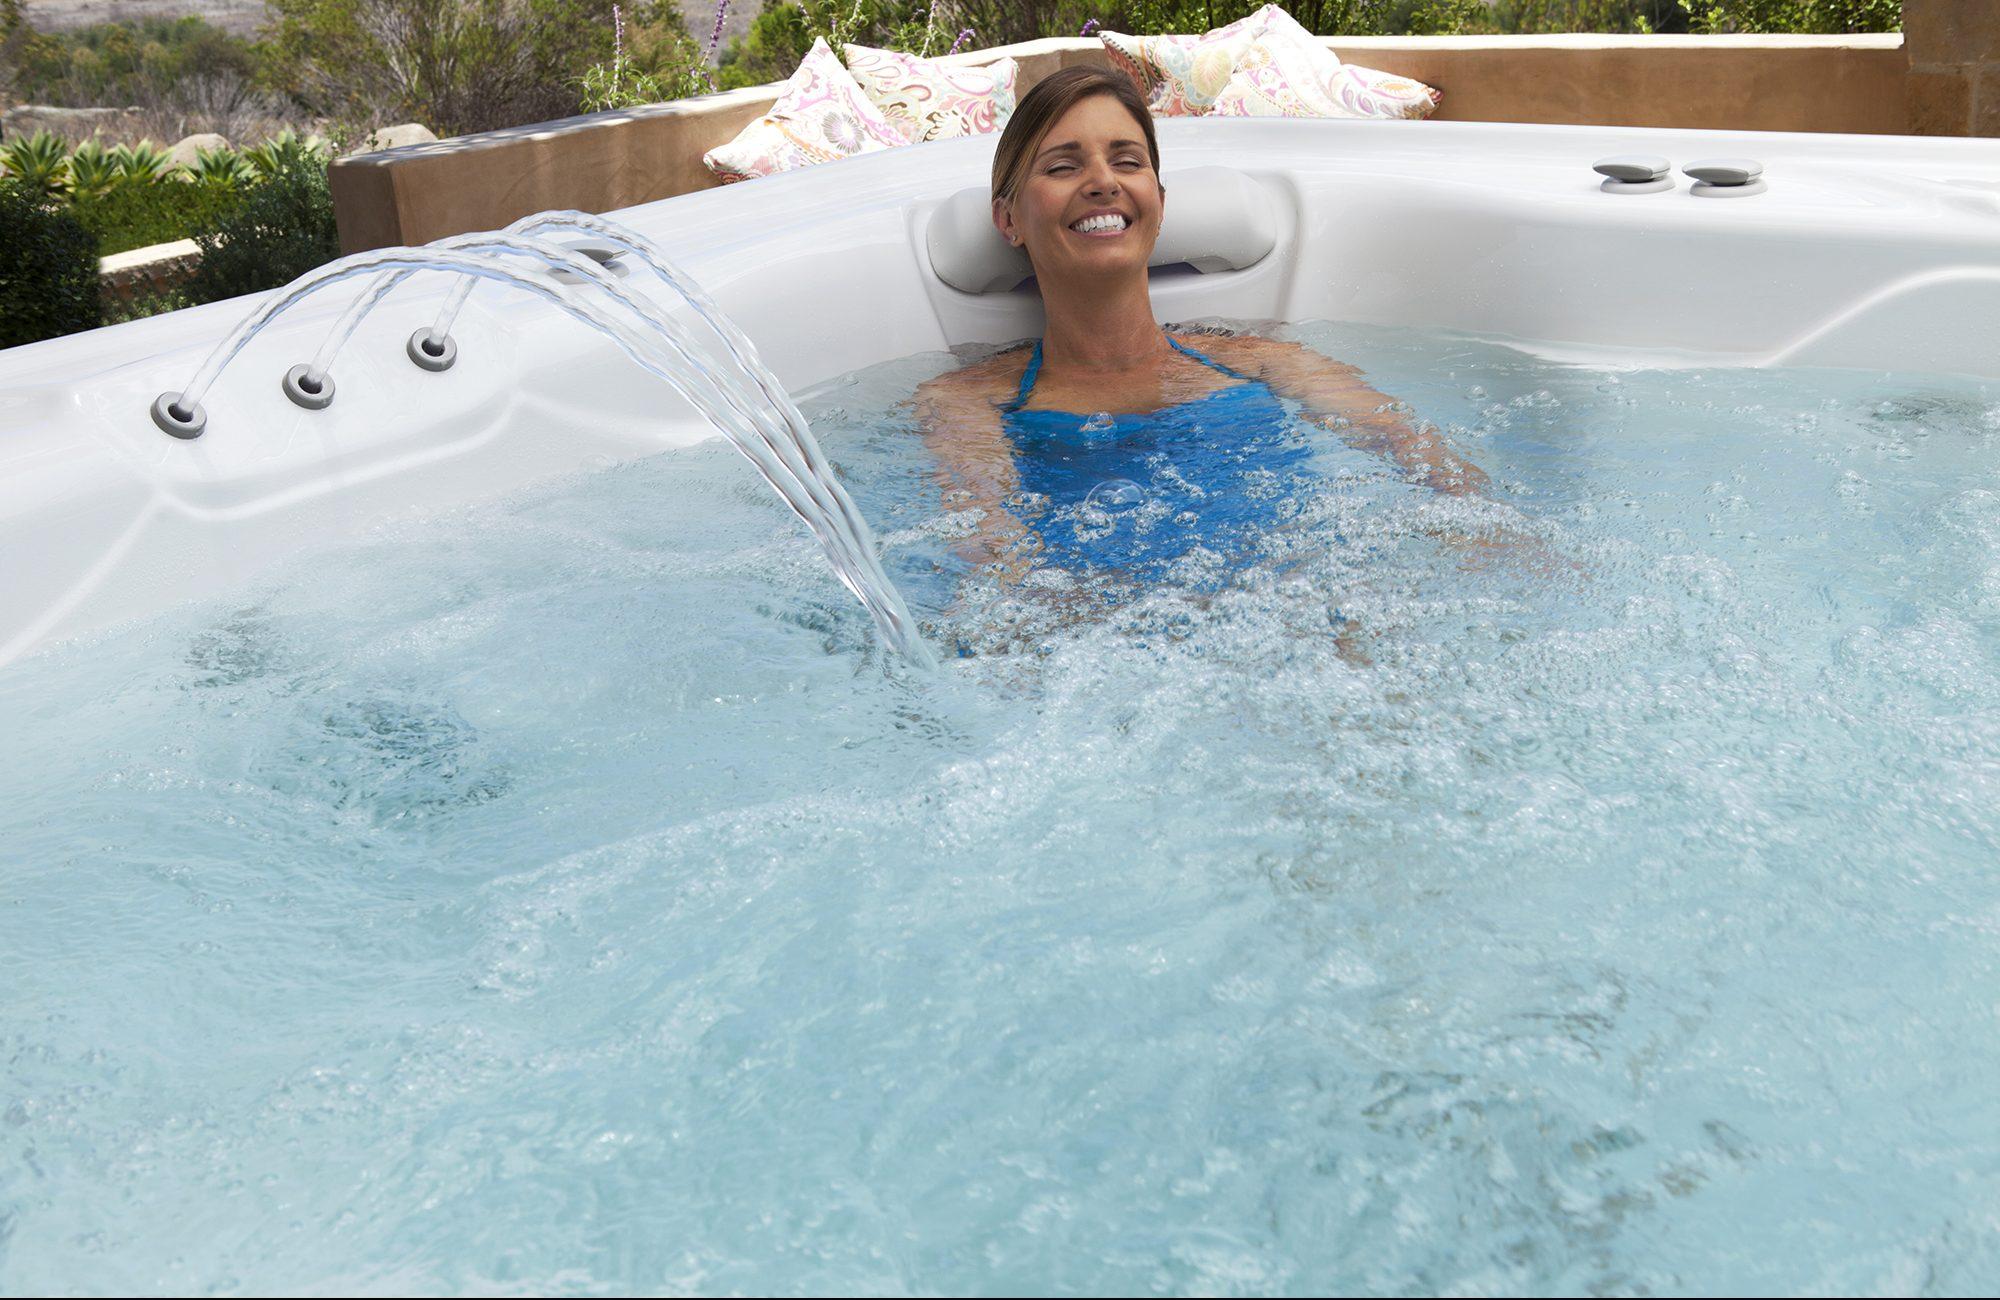 Terapinis masažinio baseino poveikis